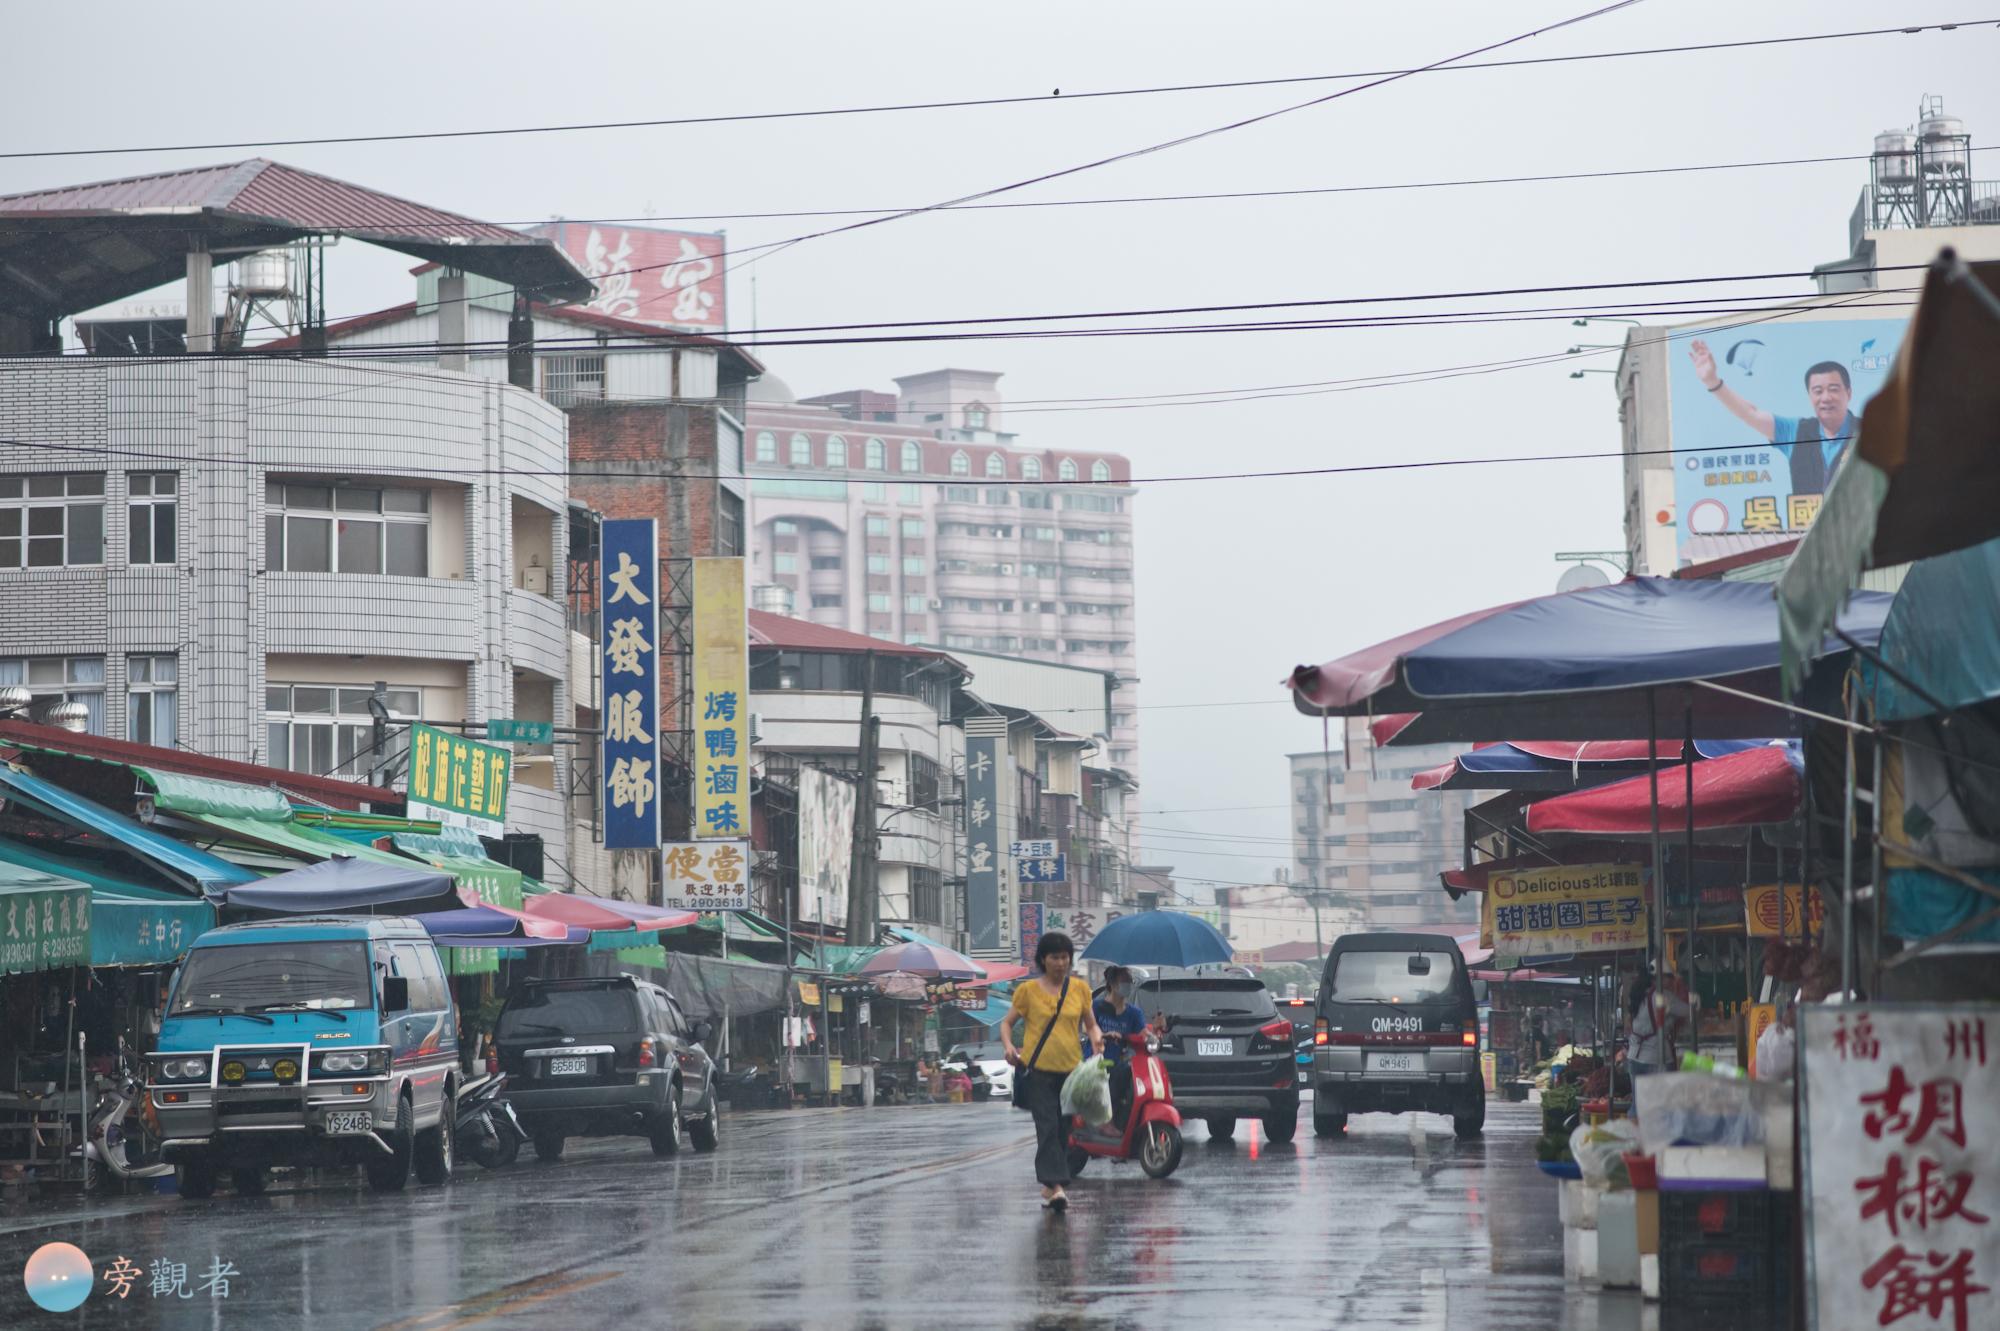 埔里北環路市場的雨天街景。南投埔里北門